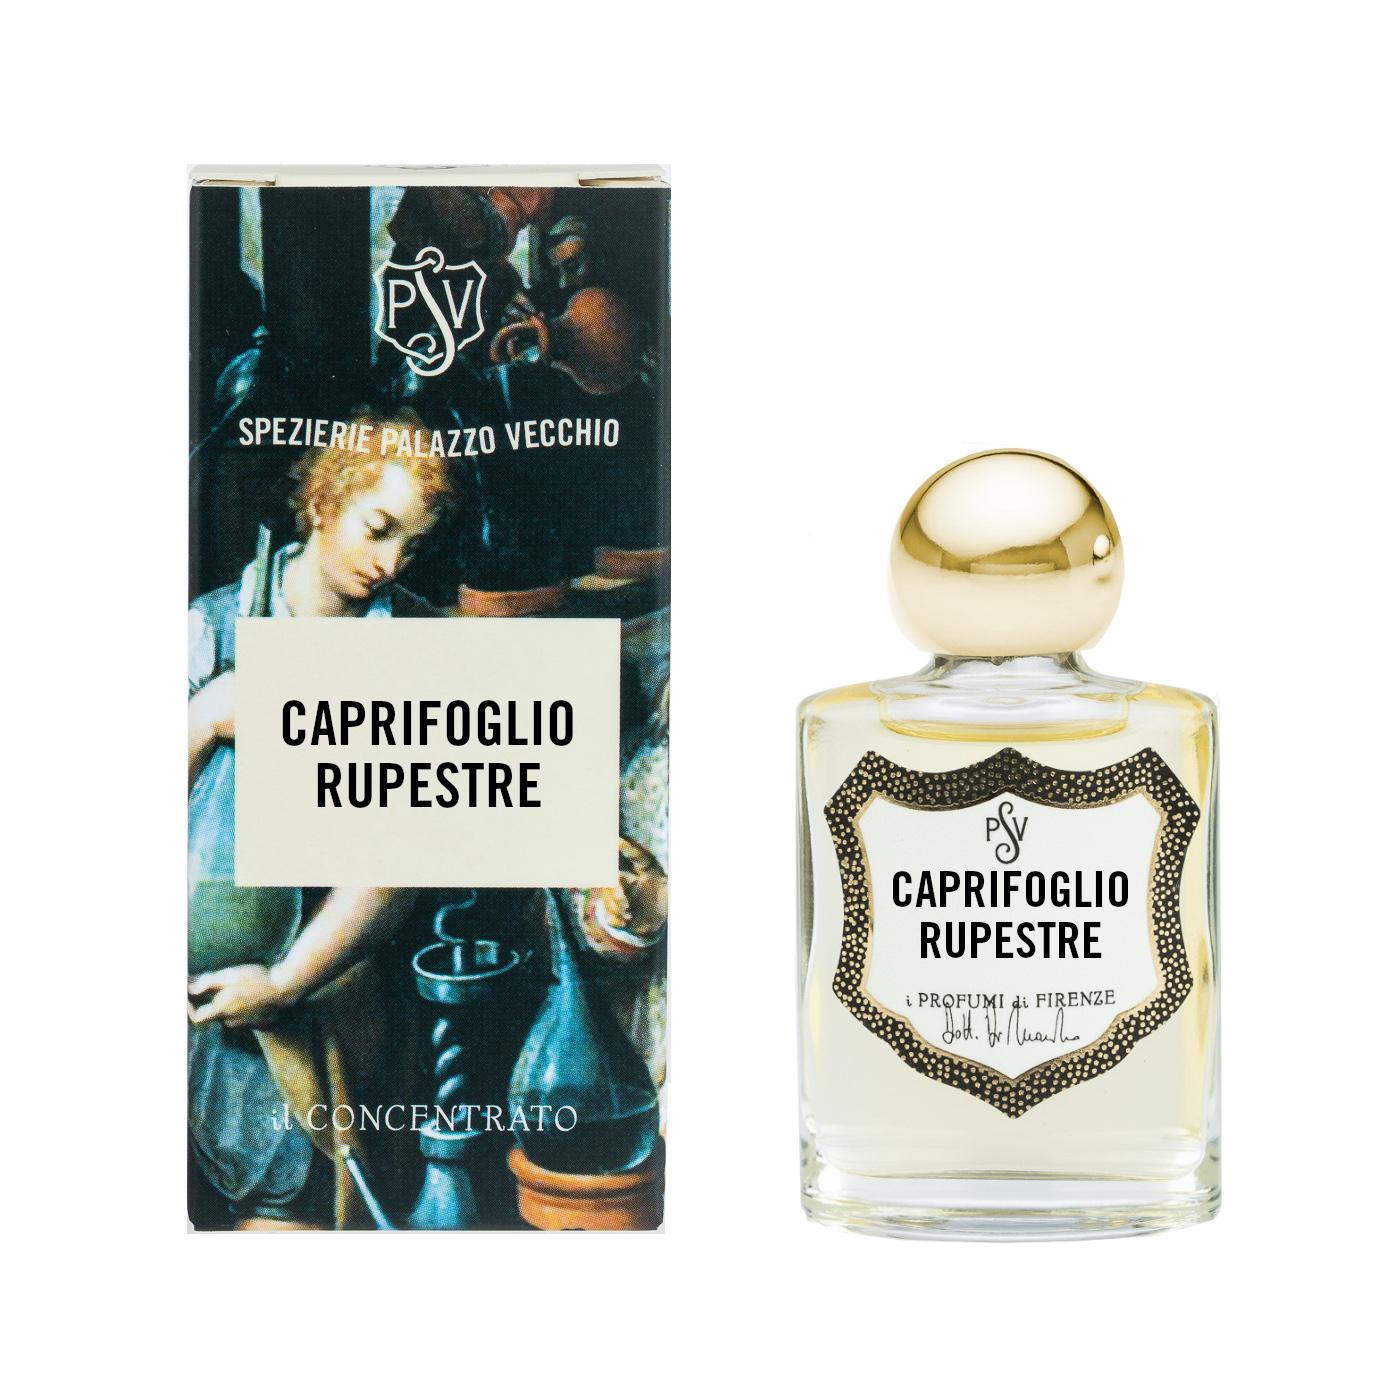 CAPRIFOGLIO RUPESTRE - Il Concentrato-0